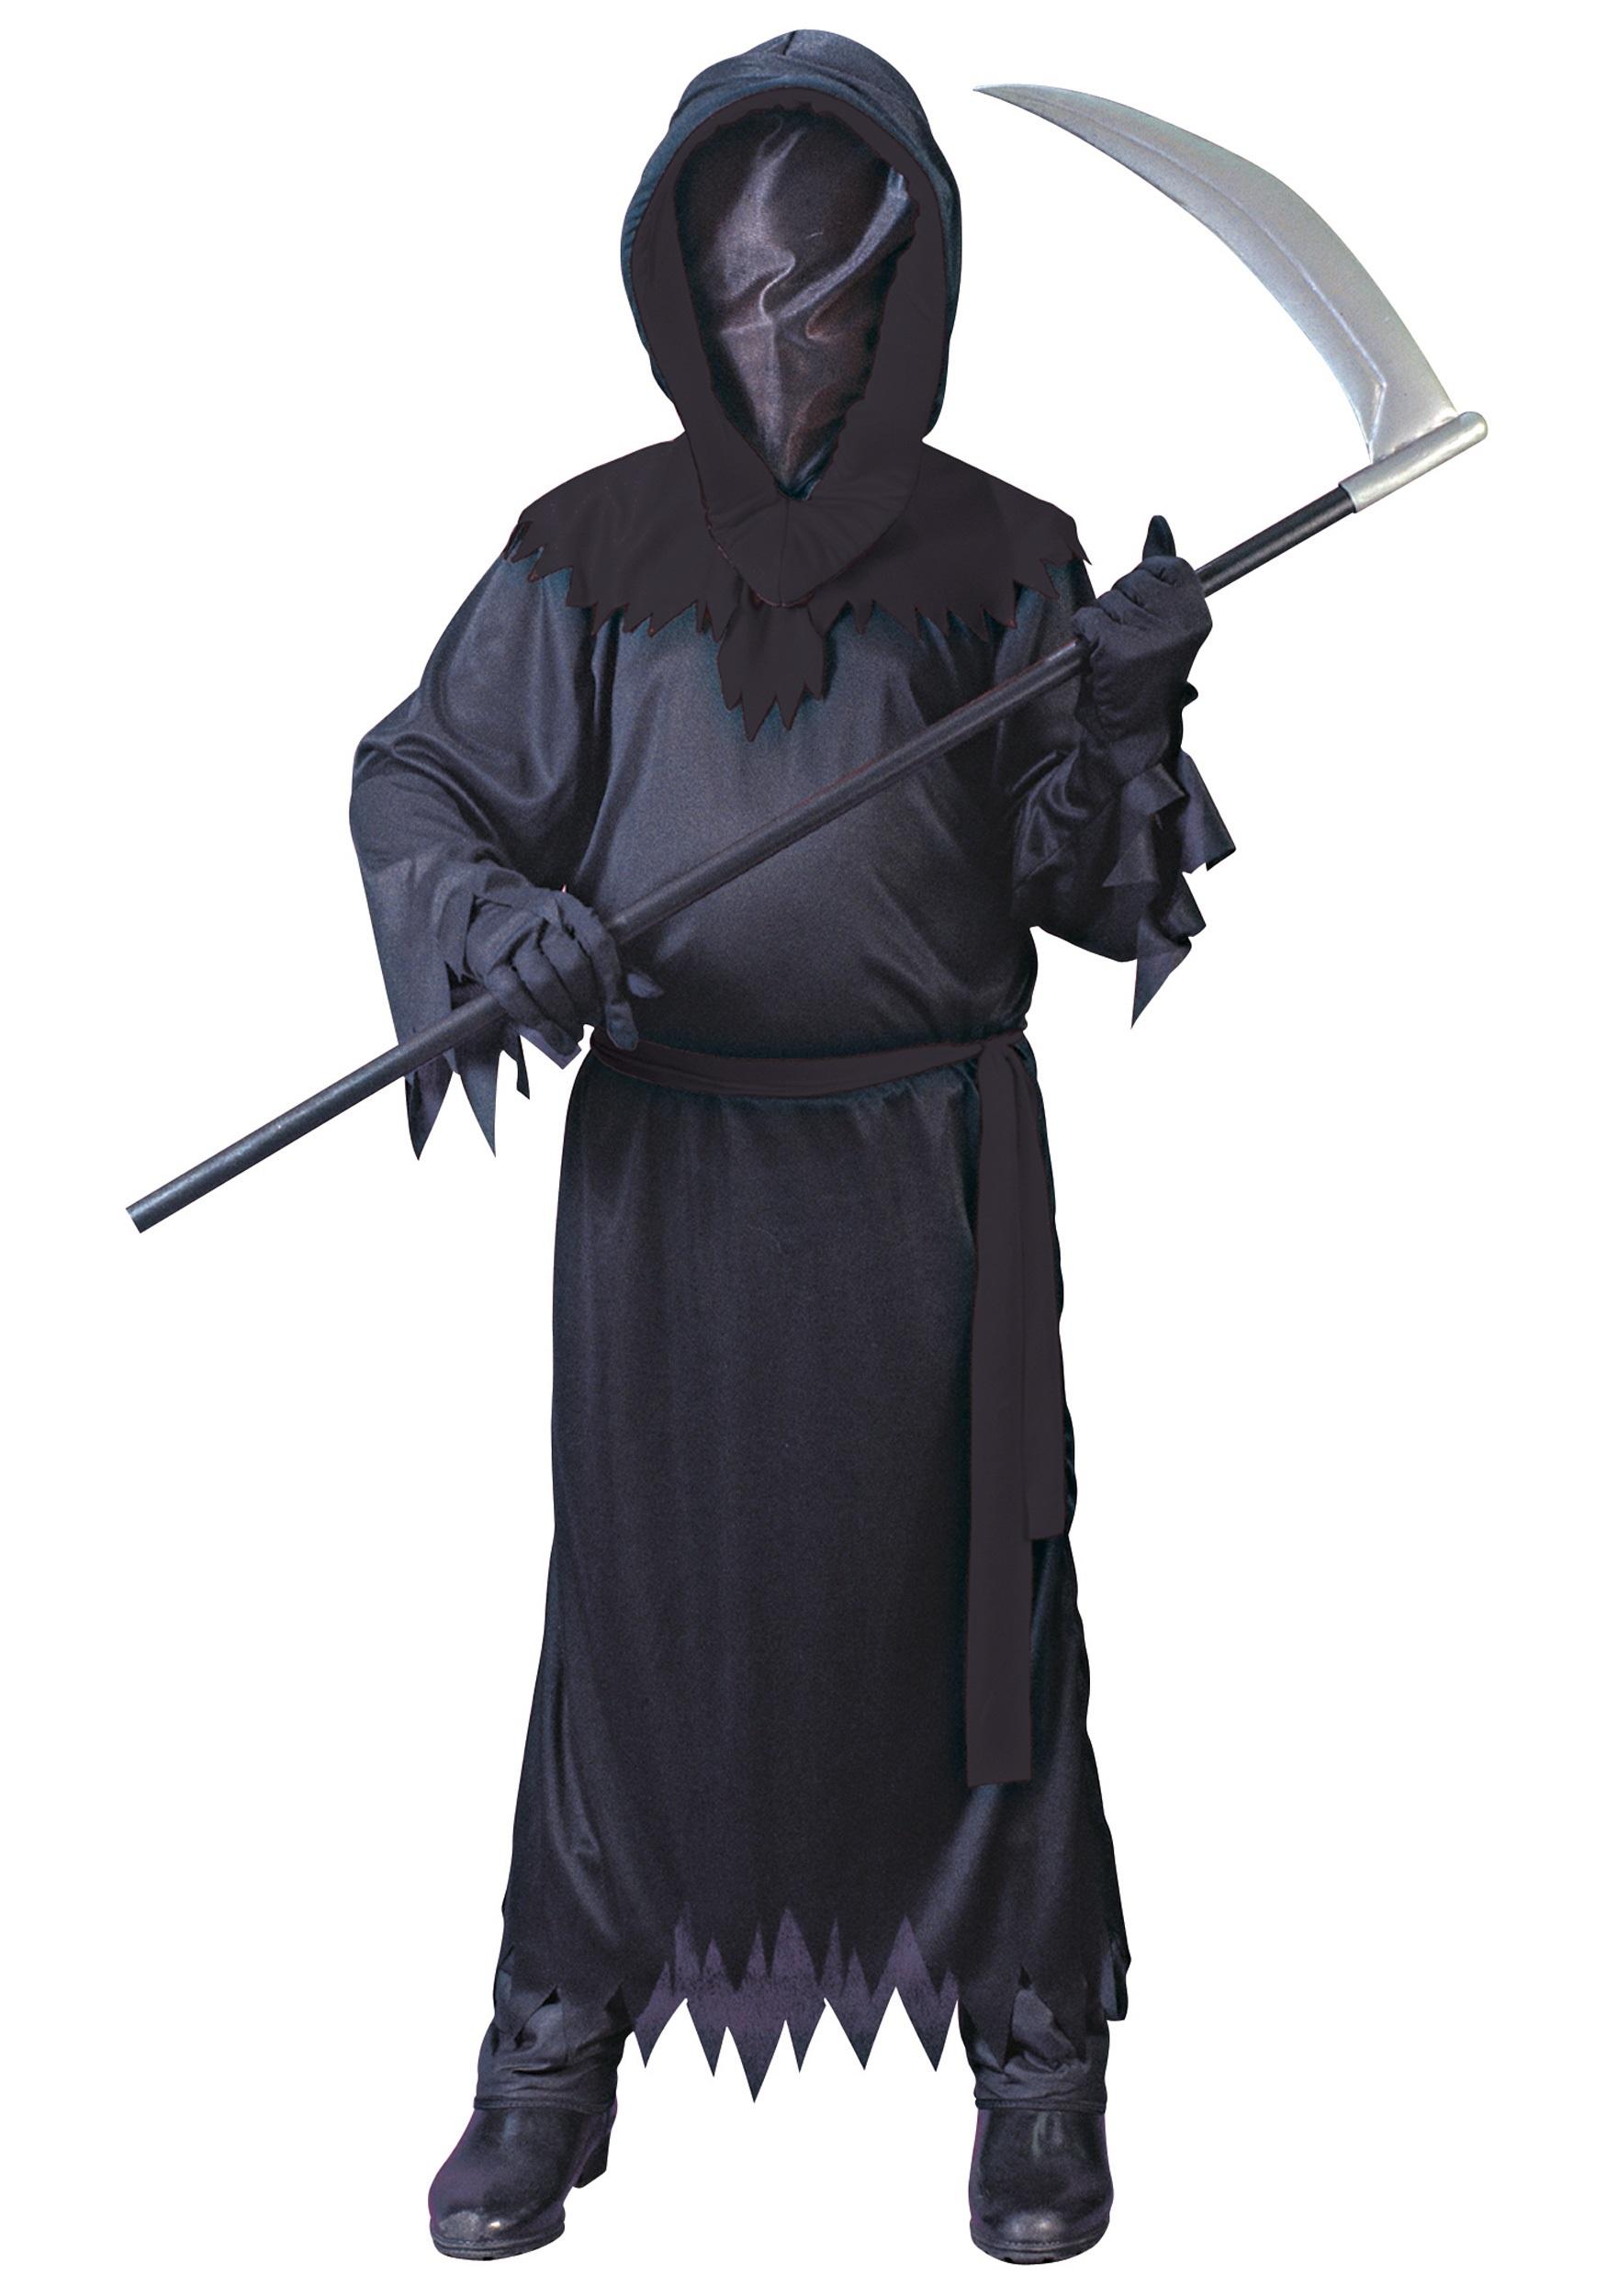 child-black-faceless-ghost-costume.jpg 7f5506849